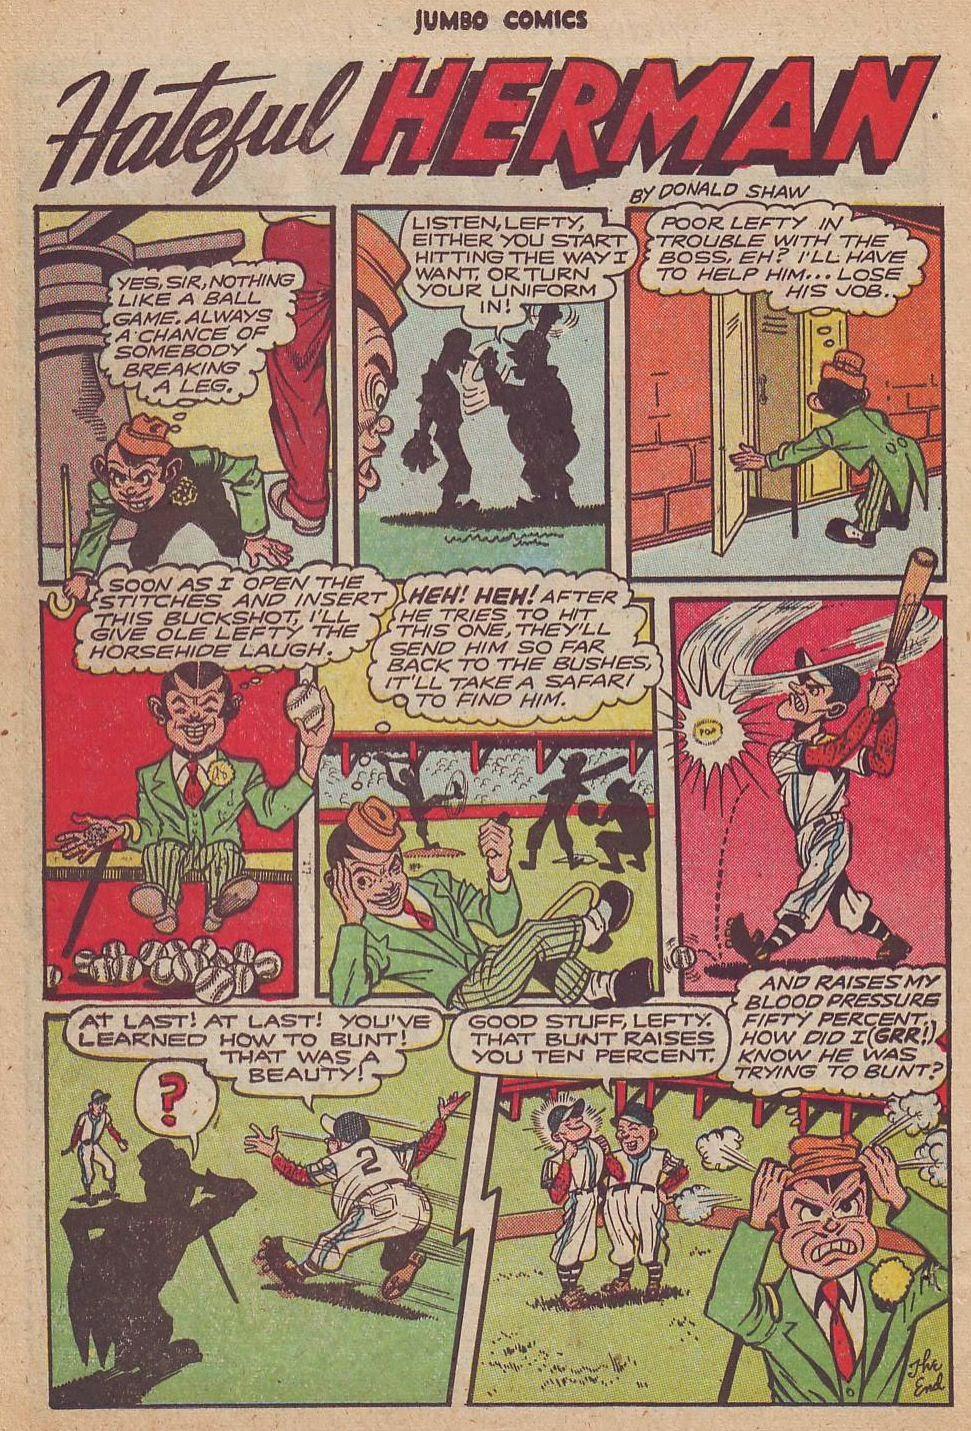 Jumbo_Comics_099_36-HatefulHerman.jpg